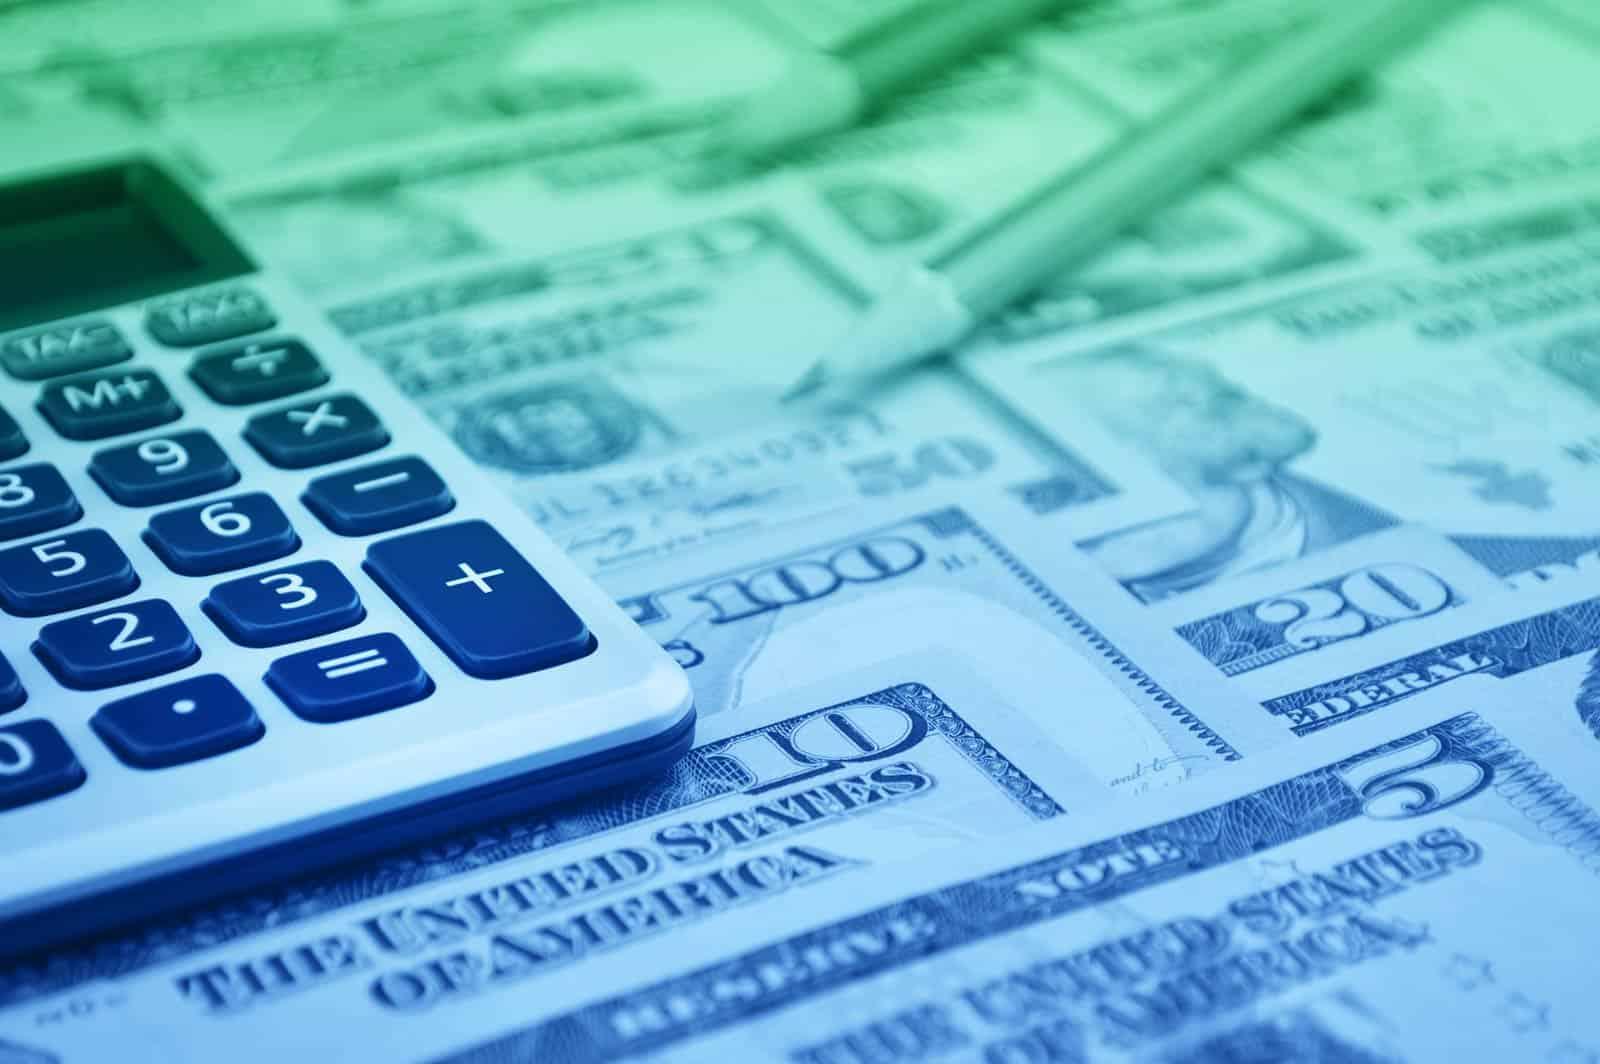 OTP banka krediti izračun